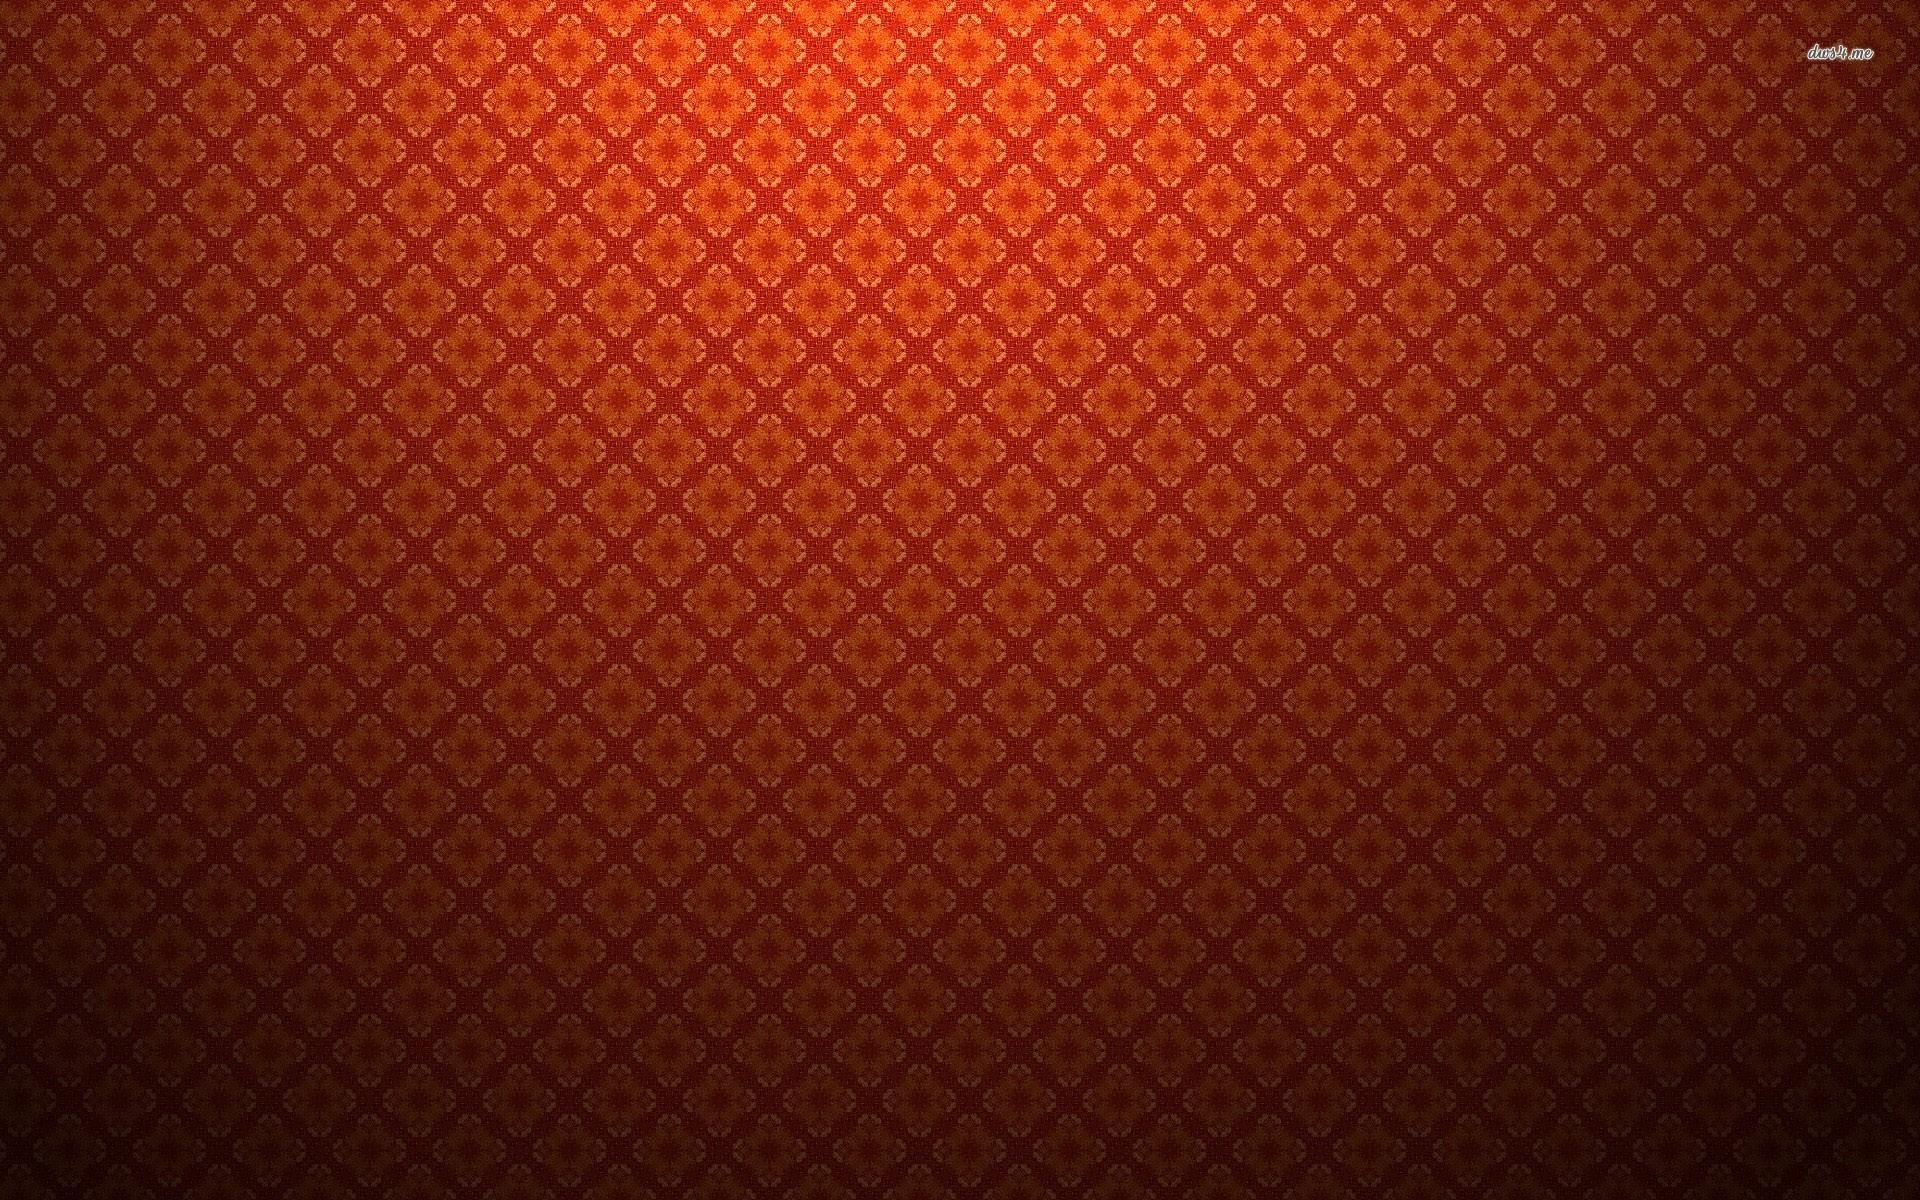 1920x1200 Orange Carbon Fiber Wallpaper - WallpaperSafari